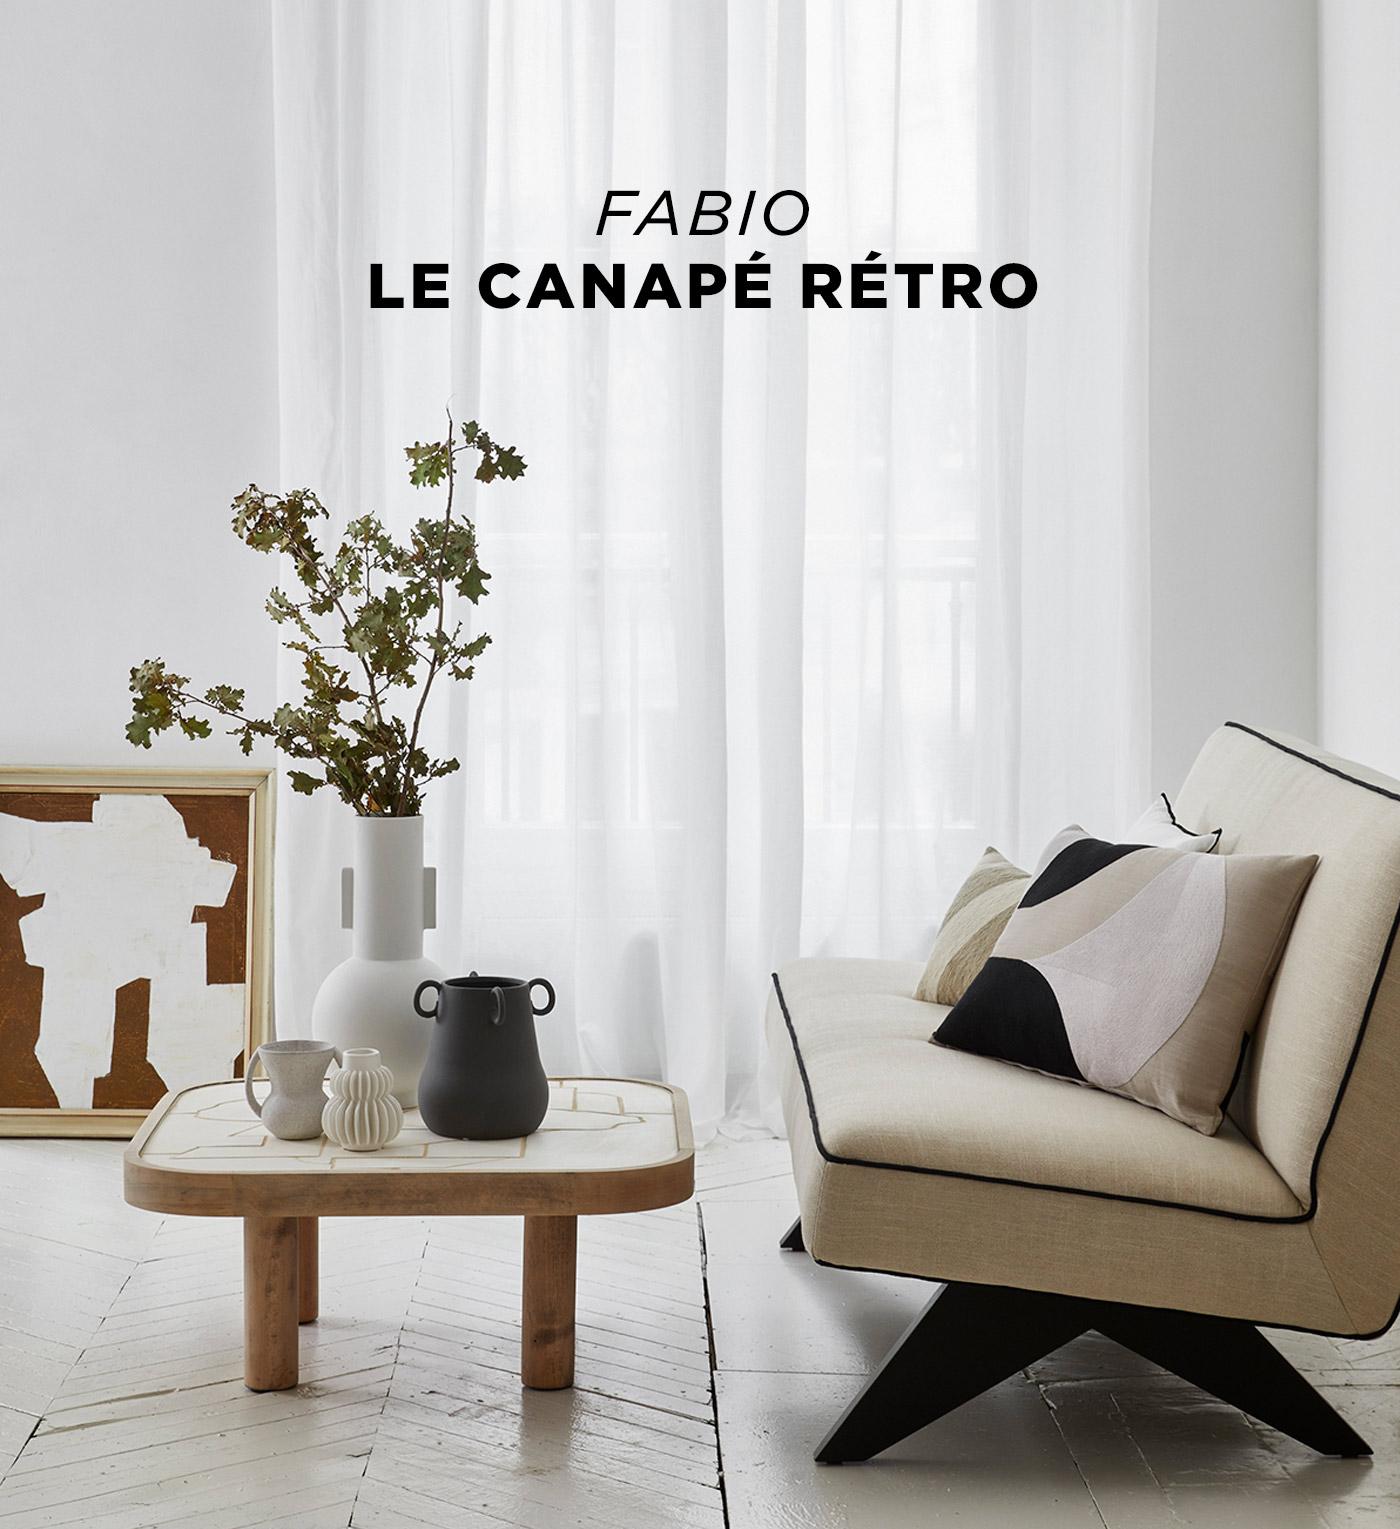 Fabio, le canapé rétro